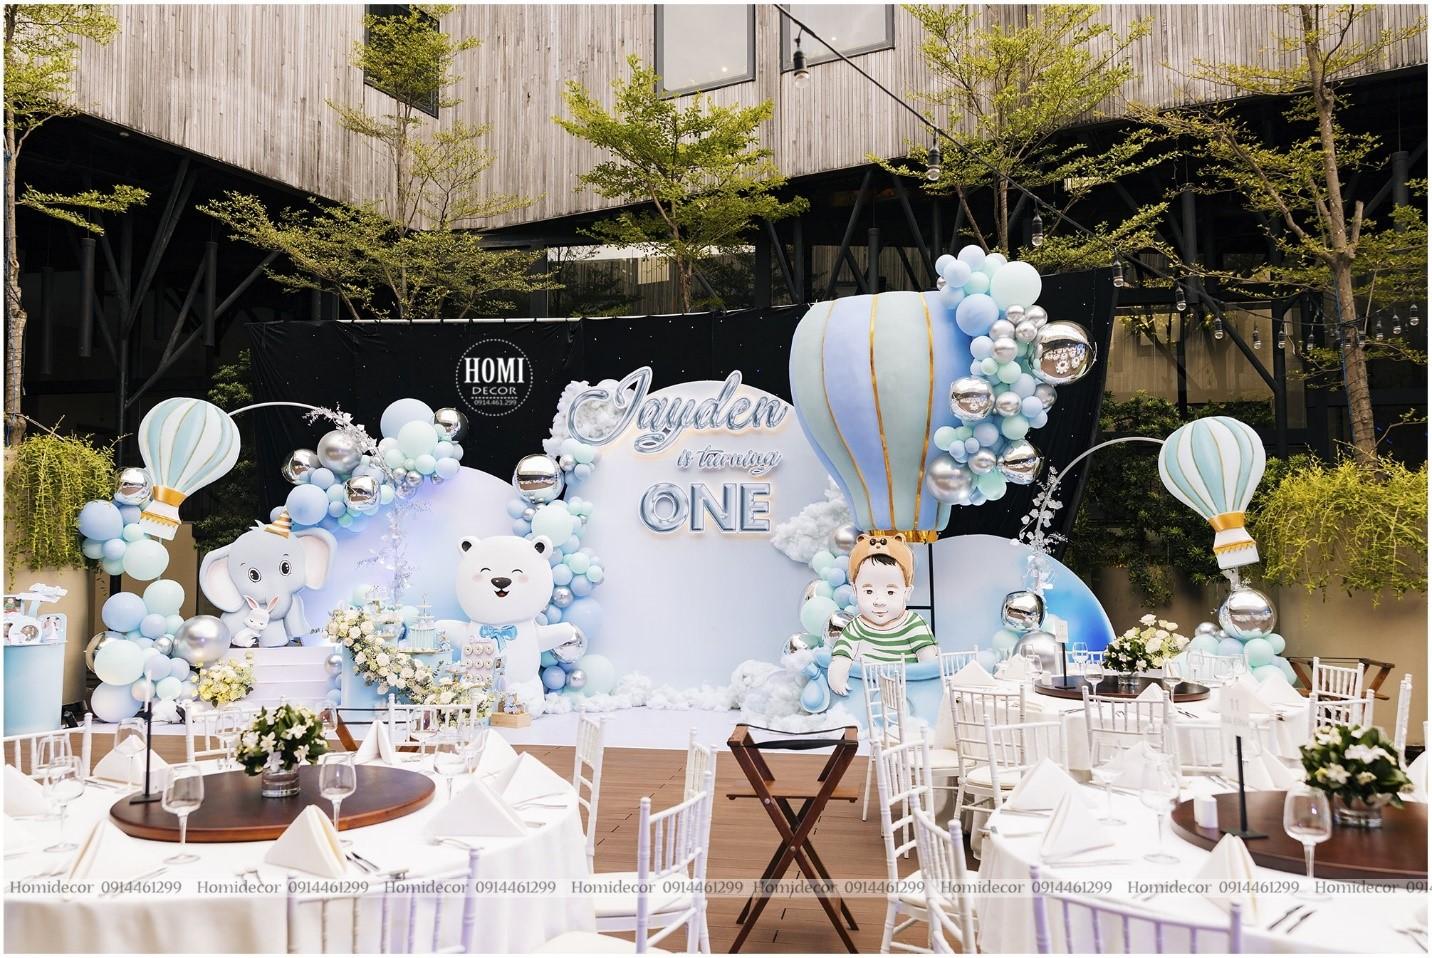 Với màu sắc nhã nhặn cùng các nhân vật hoạt hình như voi, gấu trắng, thỏ, Homi Decor đã biến không gian tiệc thôi nôi của con một đại gia Hà thành thành khu vườn cổ tích.